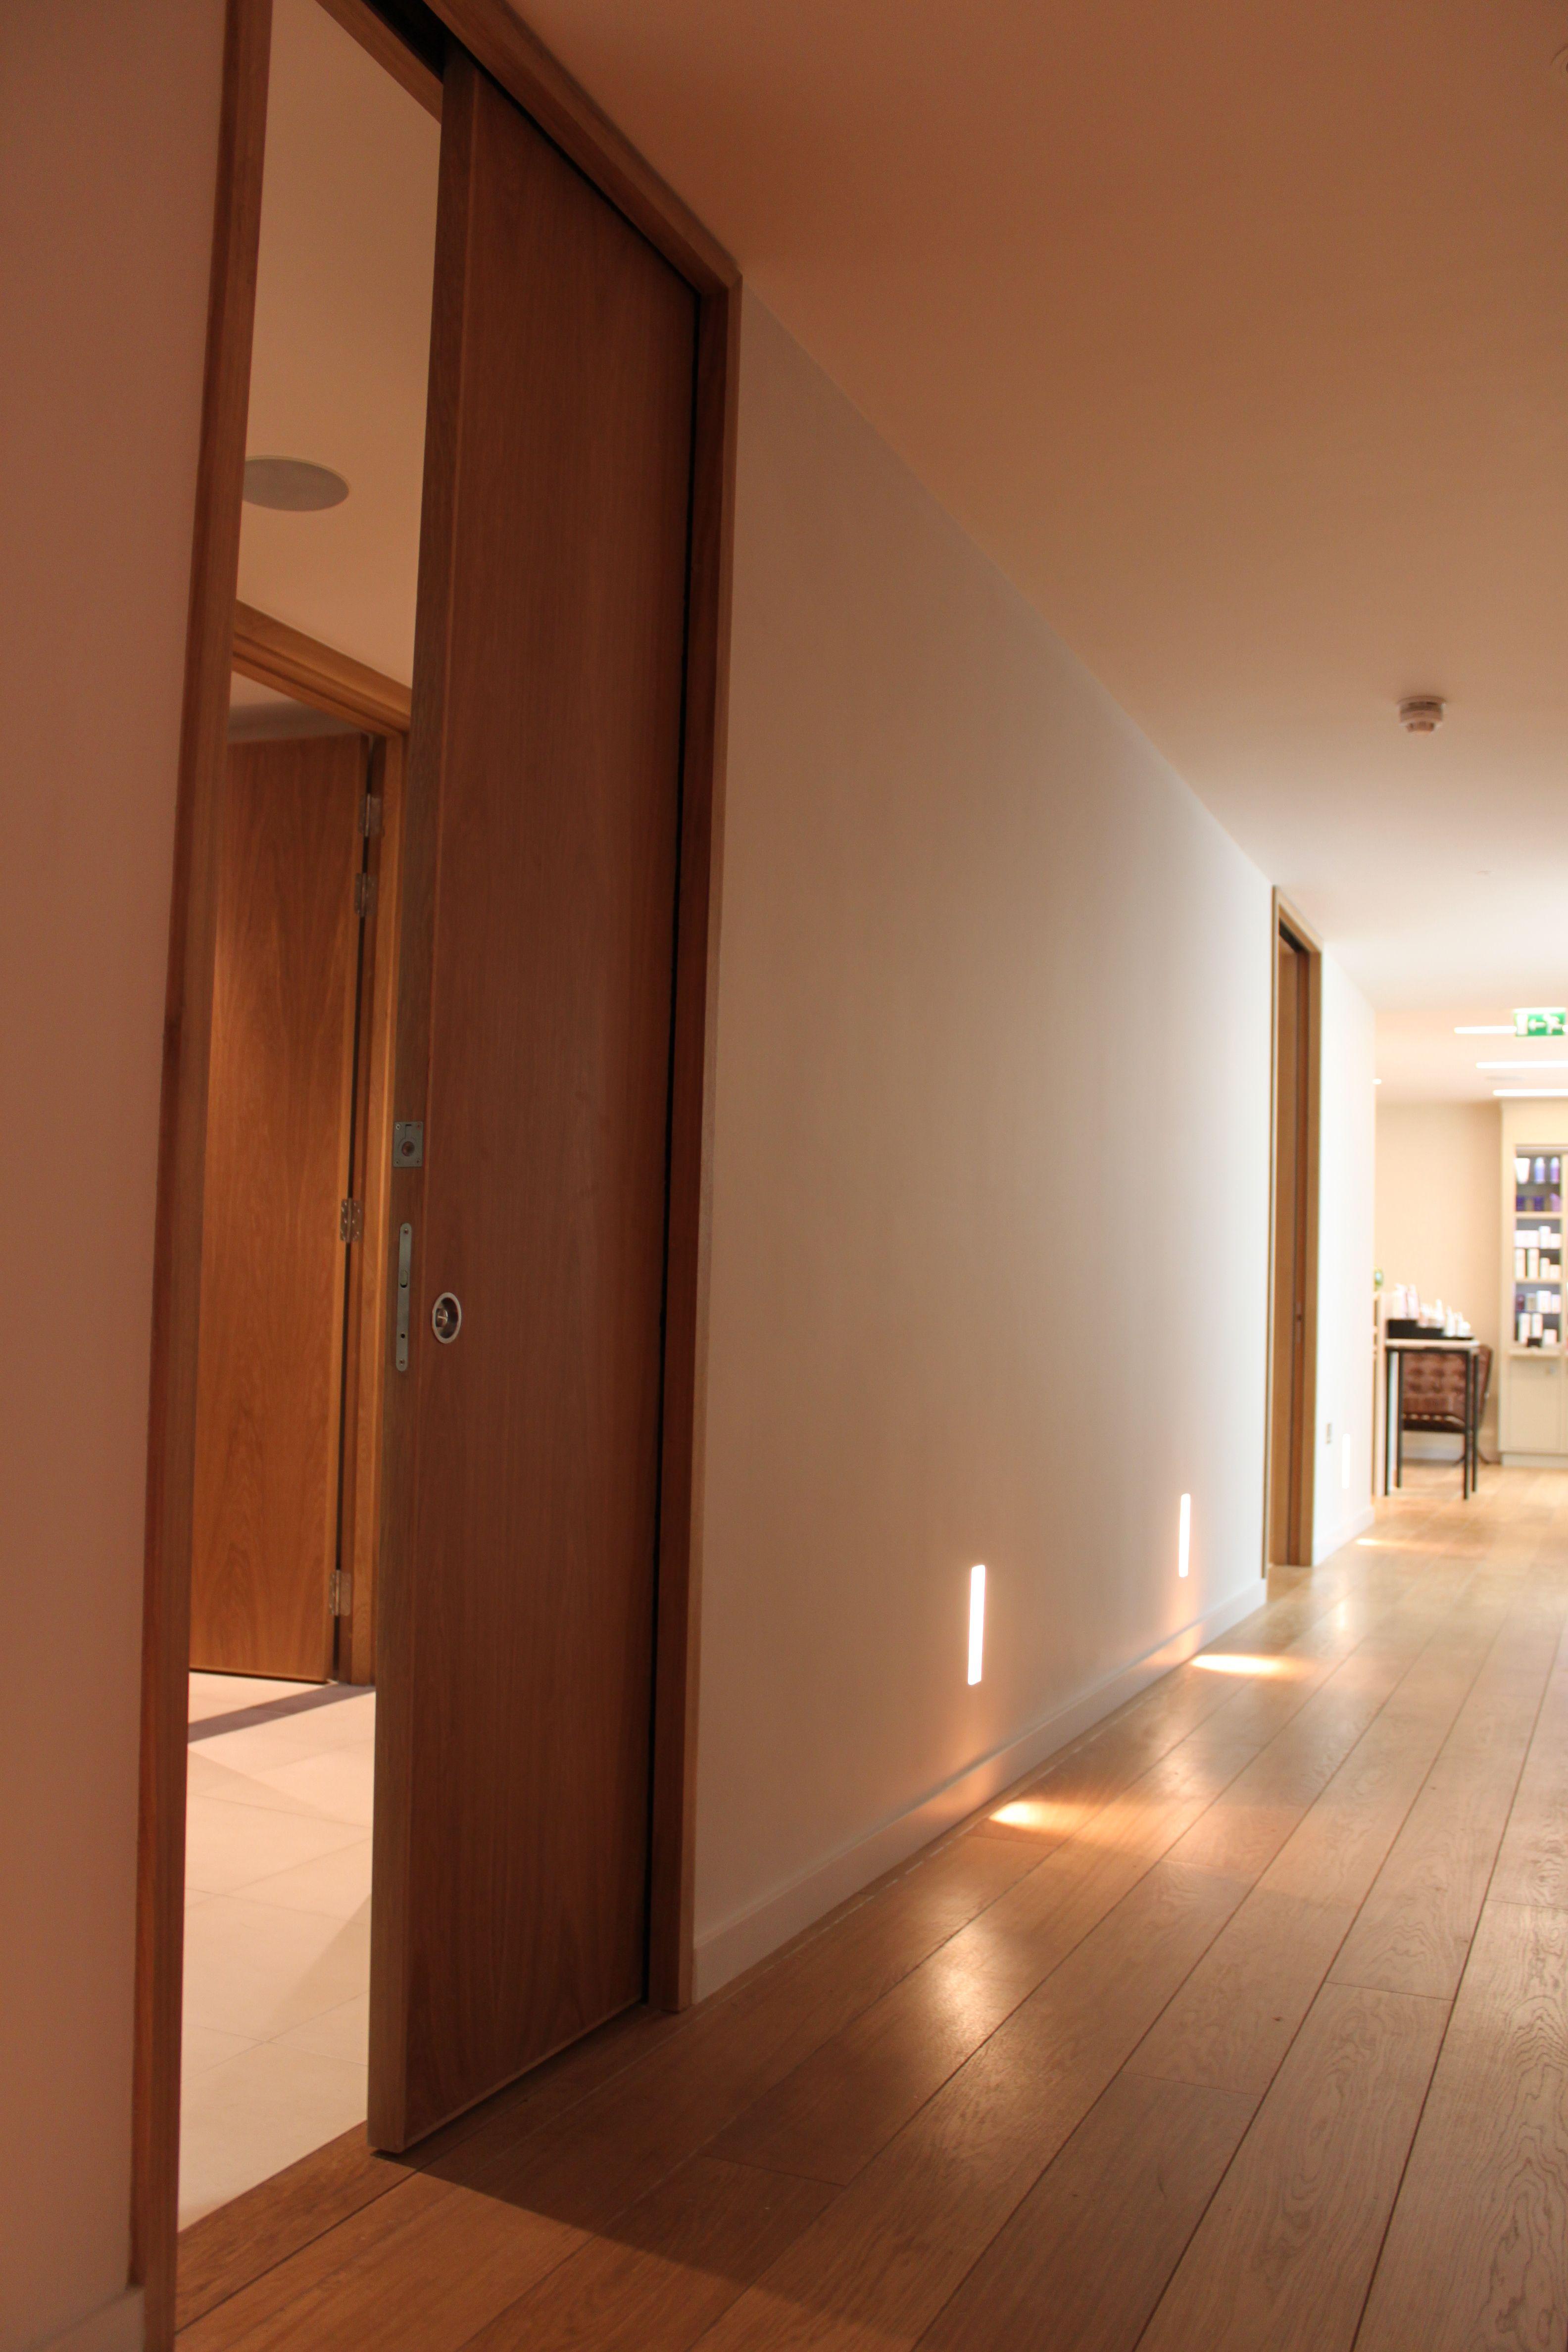 Image Result For Hotel Room Door Designs: Door Design, Room Door Design, Pocket